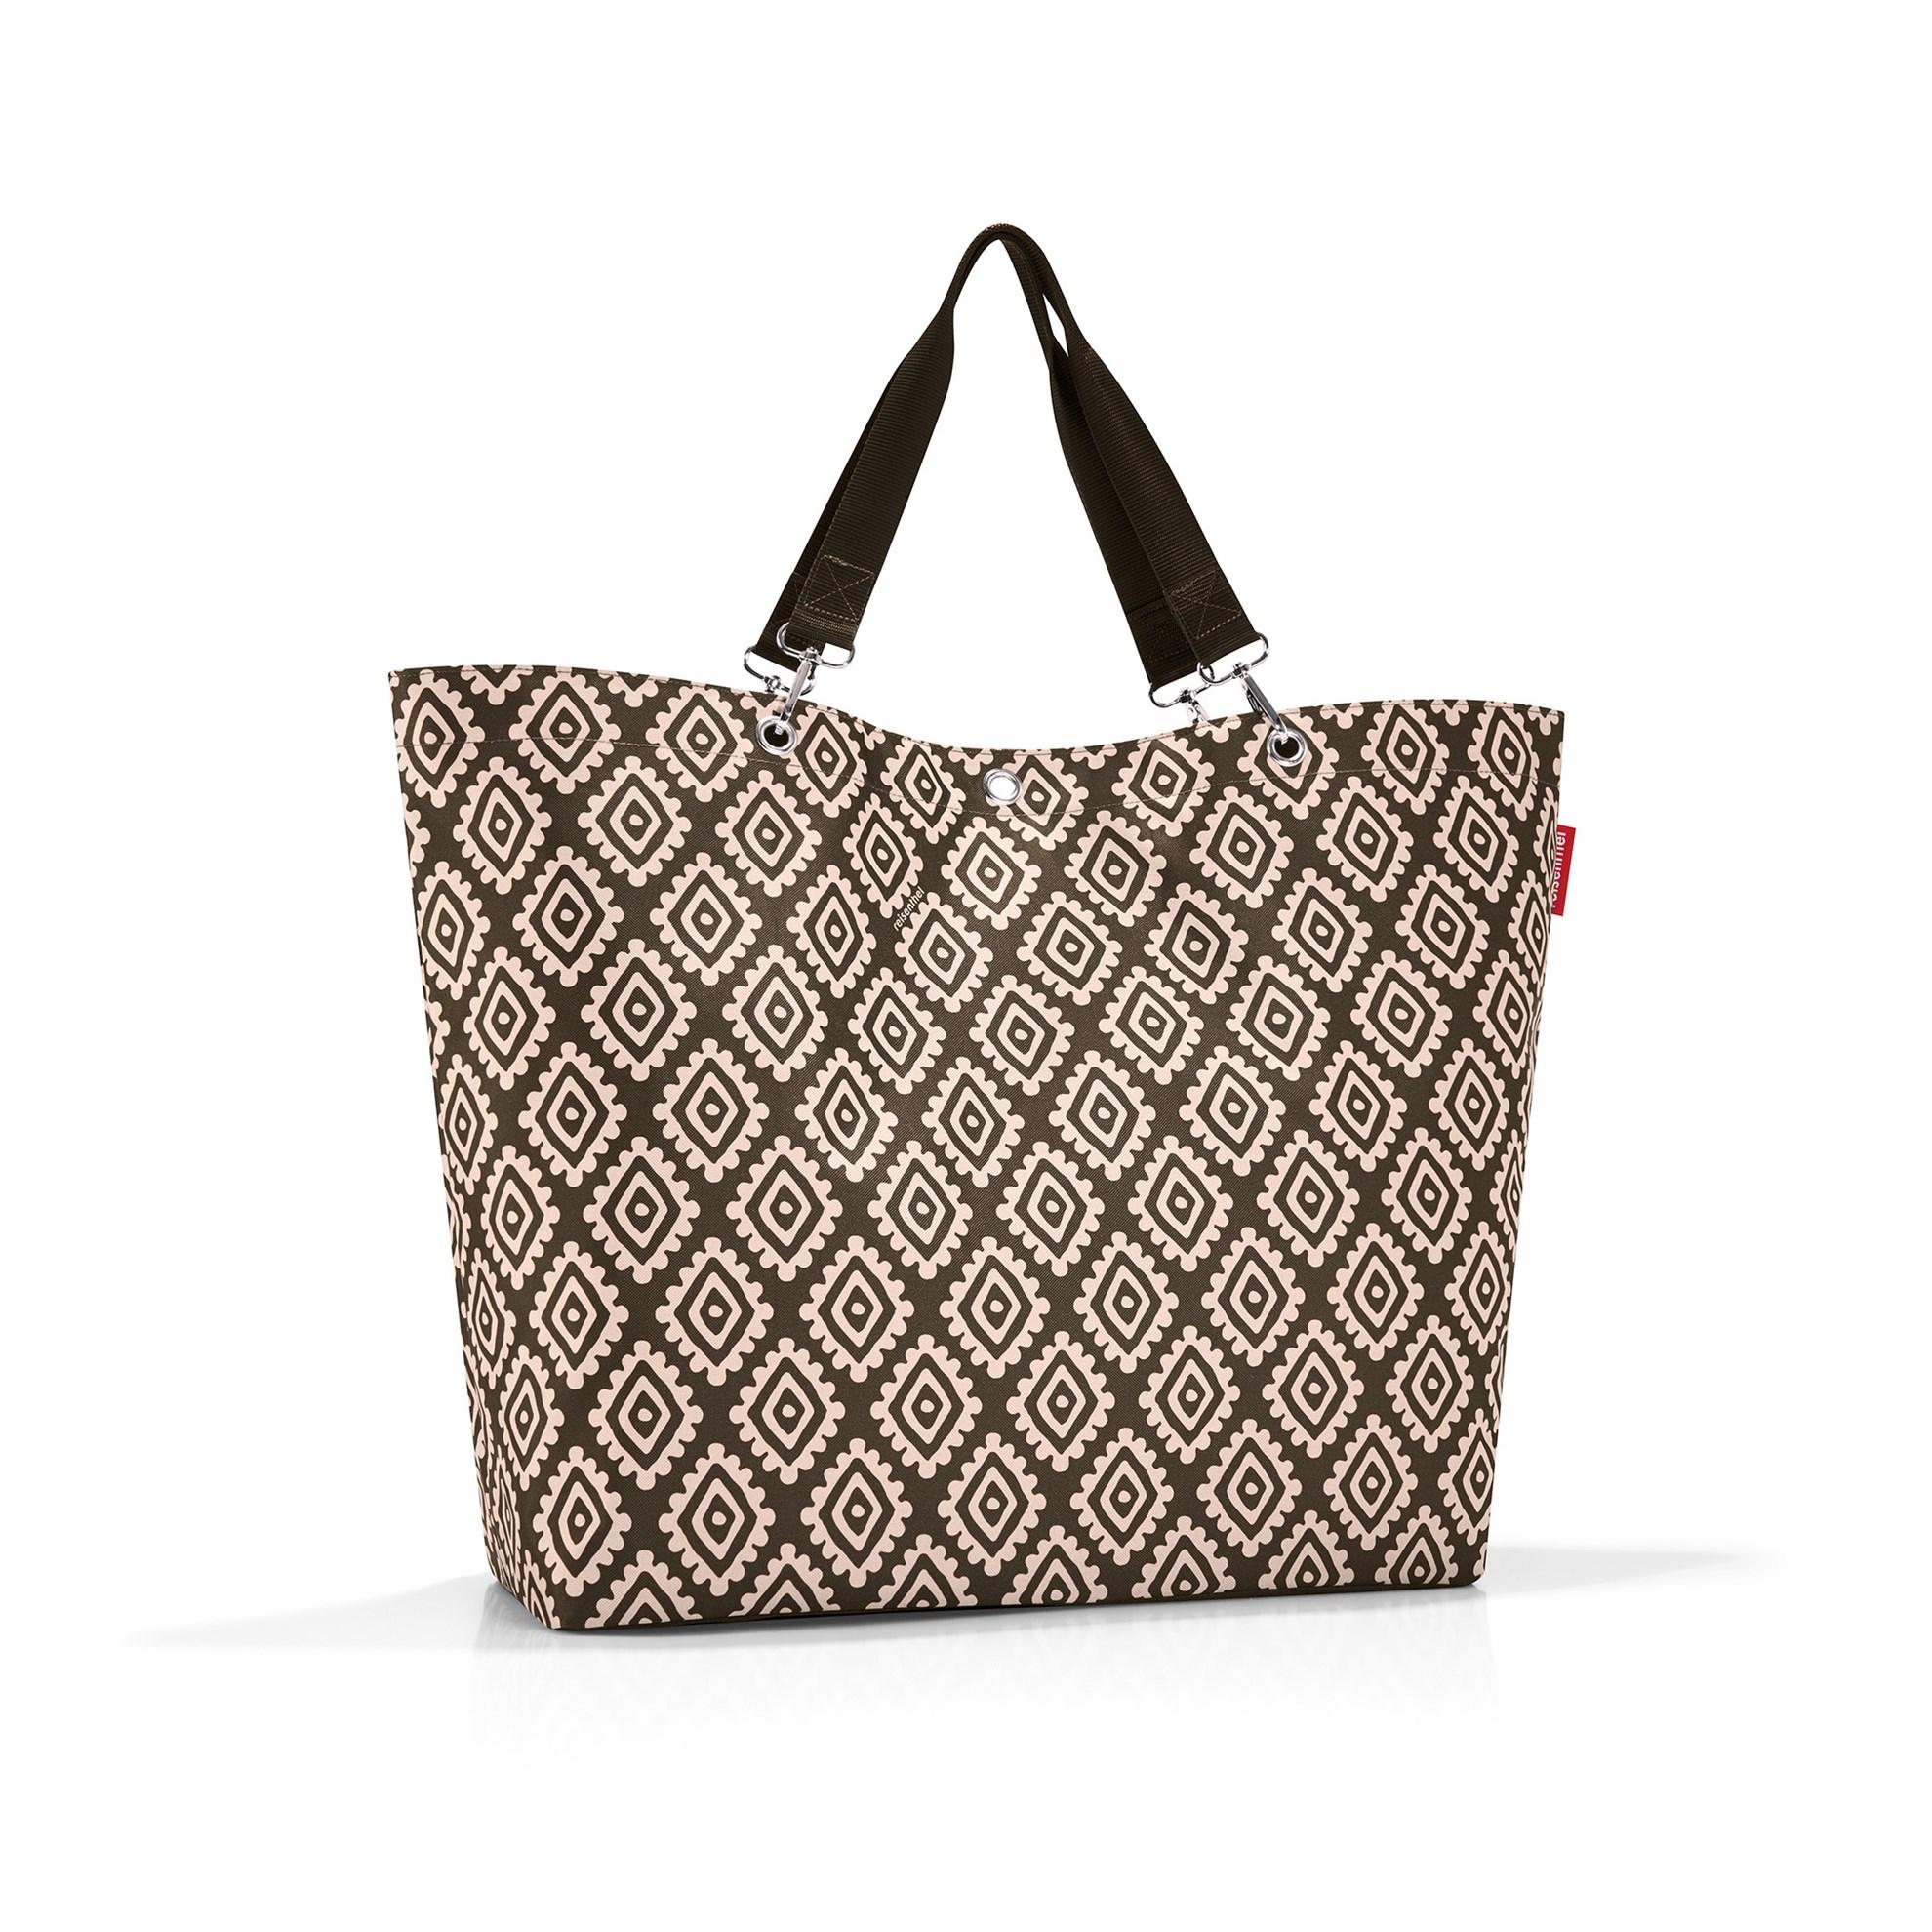 Nákupní taška SHOPPER XL diamonds mocha_1